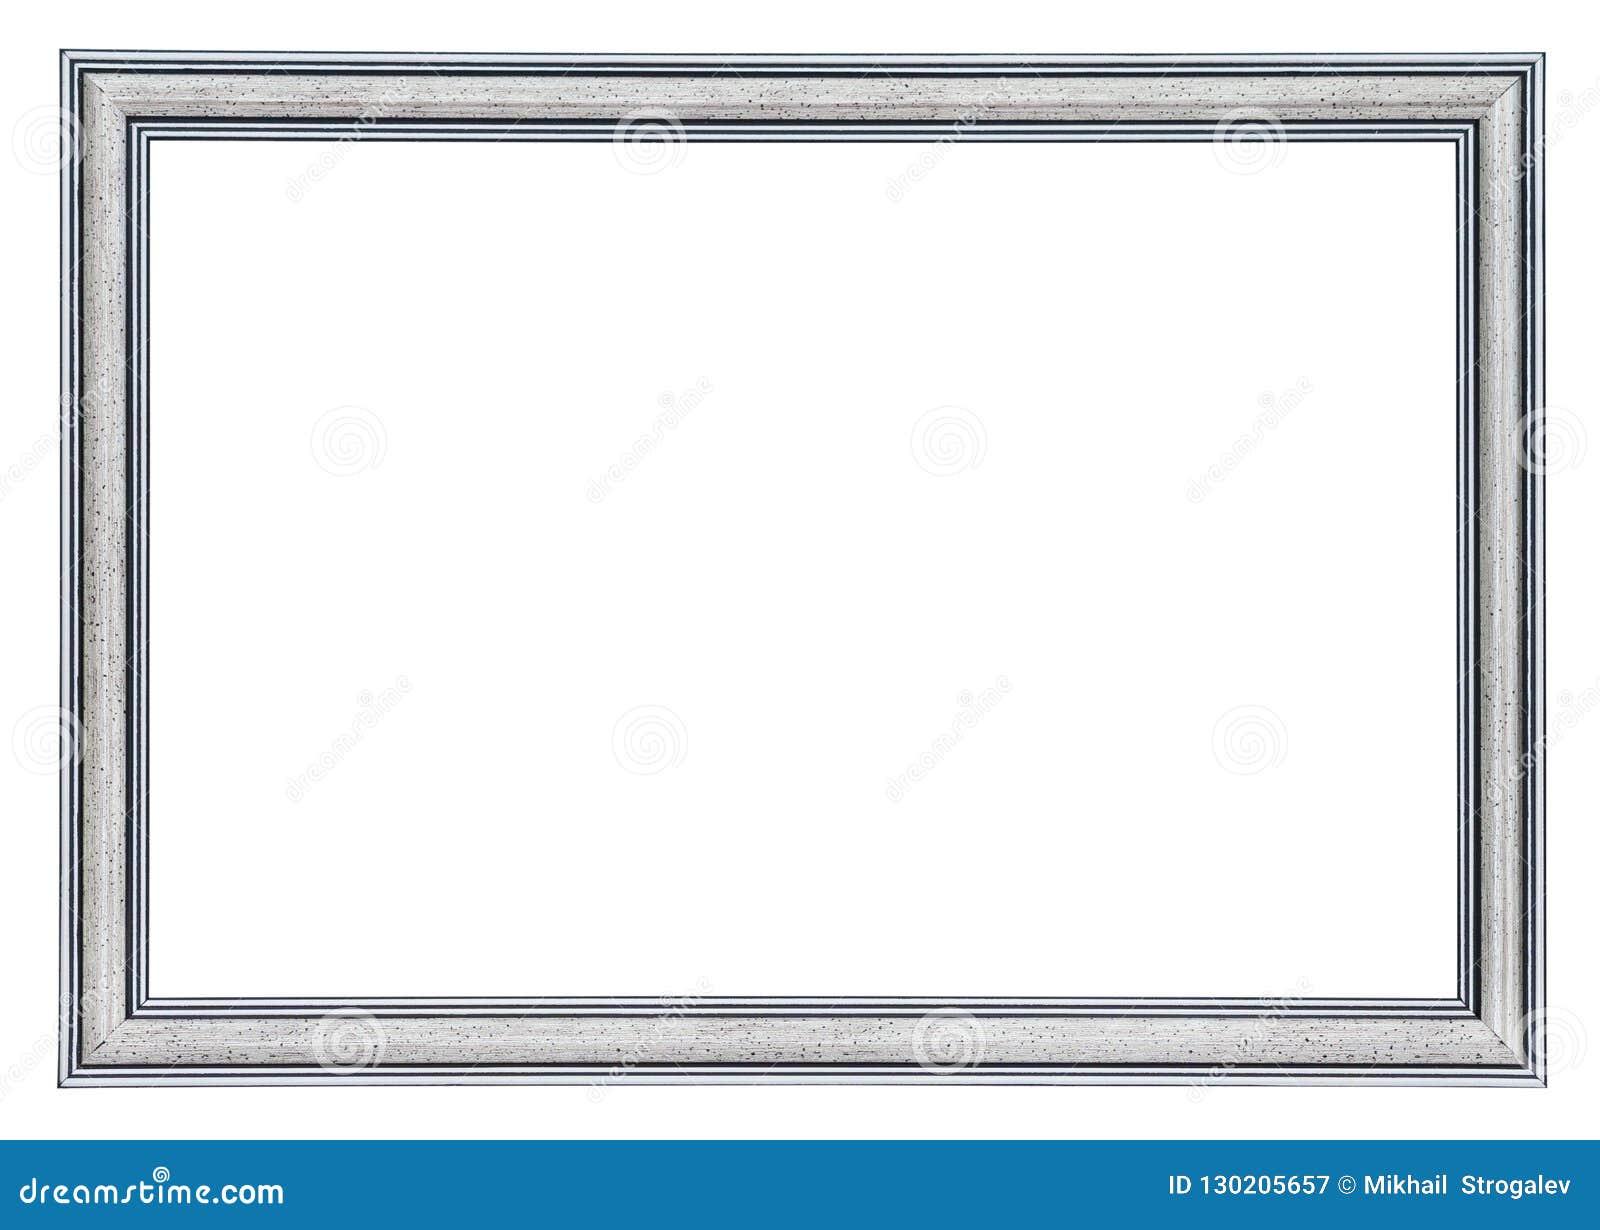 Zilveren kader met zwarte grenzen buiten en binnen, geïsoleerd